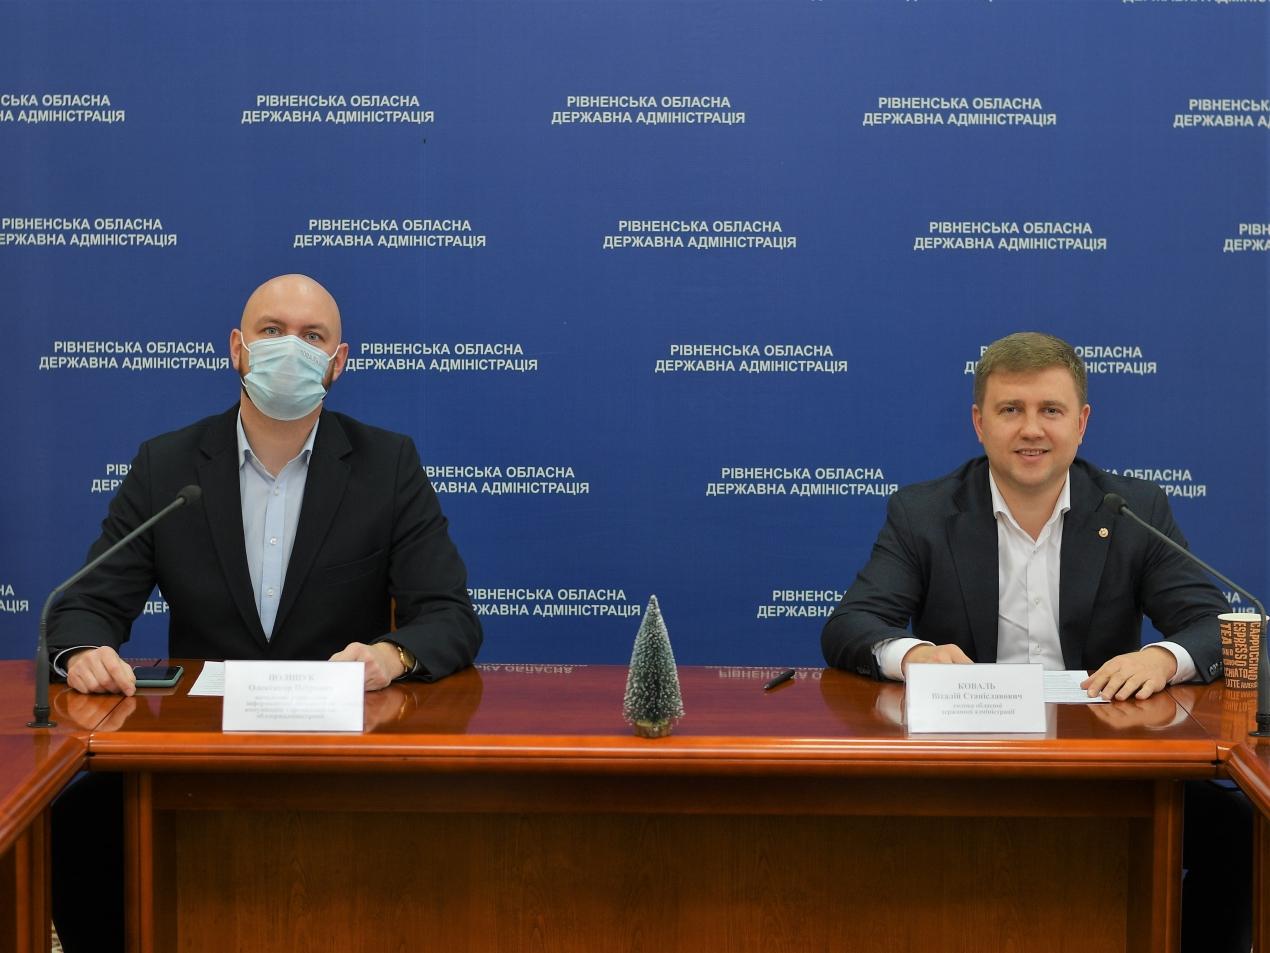 Рівненщина перевиконала обласний бюджет на 8% або 65 млн грн